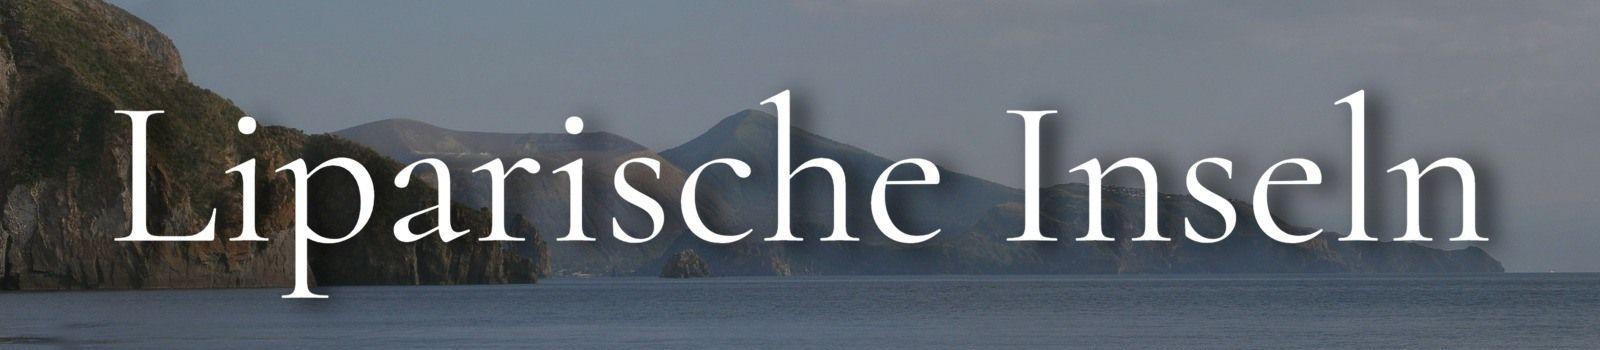 Liparische Inseln Banner